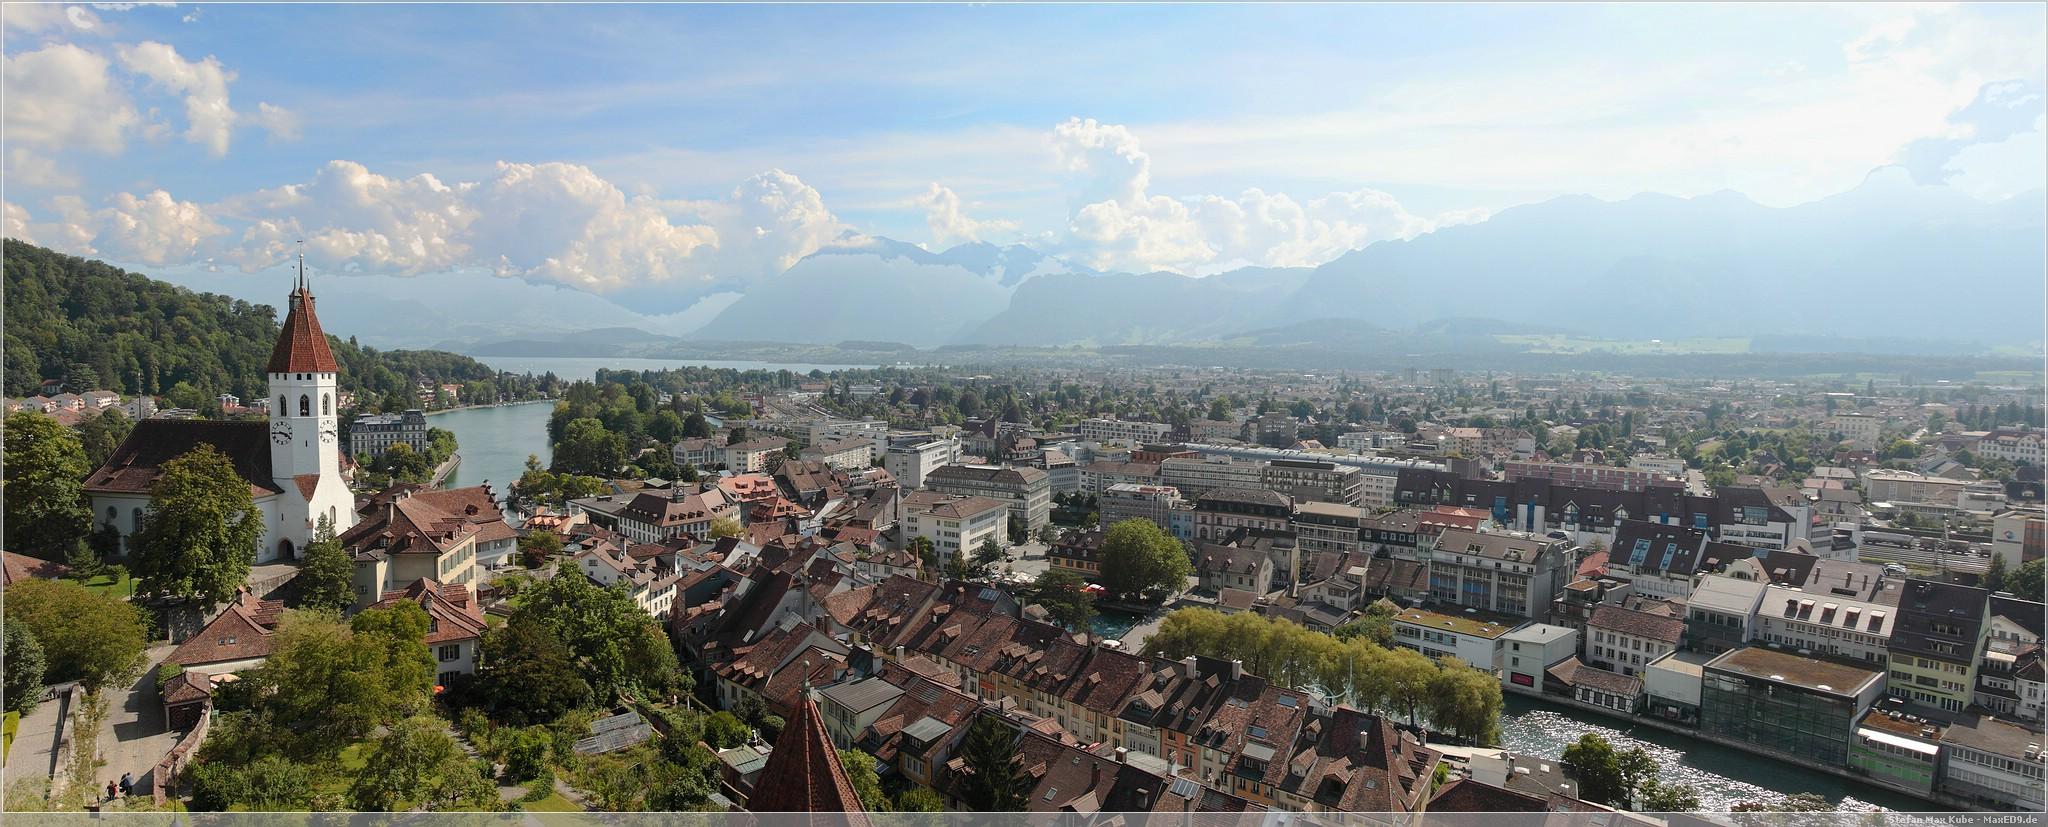 Blick über Thun aus einem Schlossturm